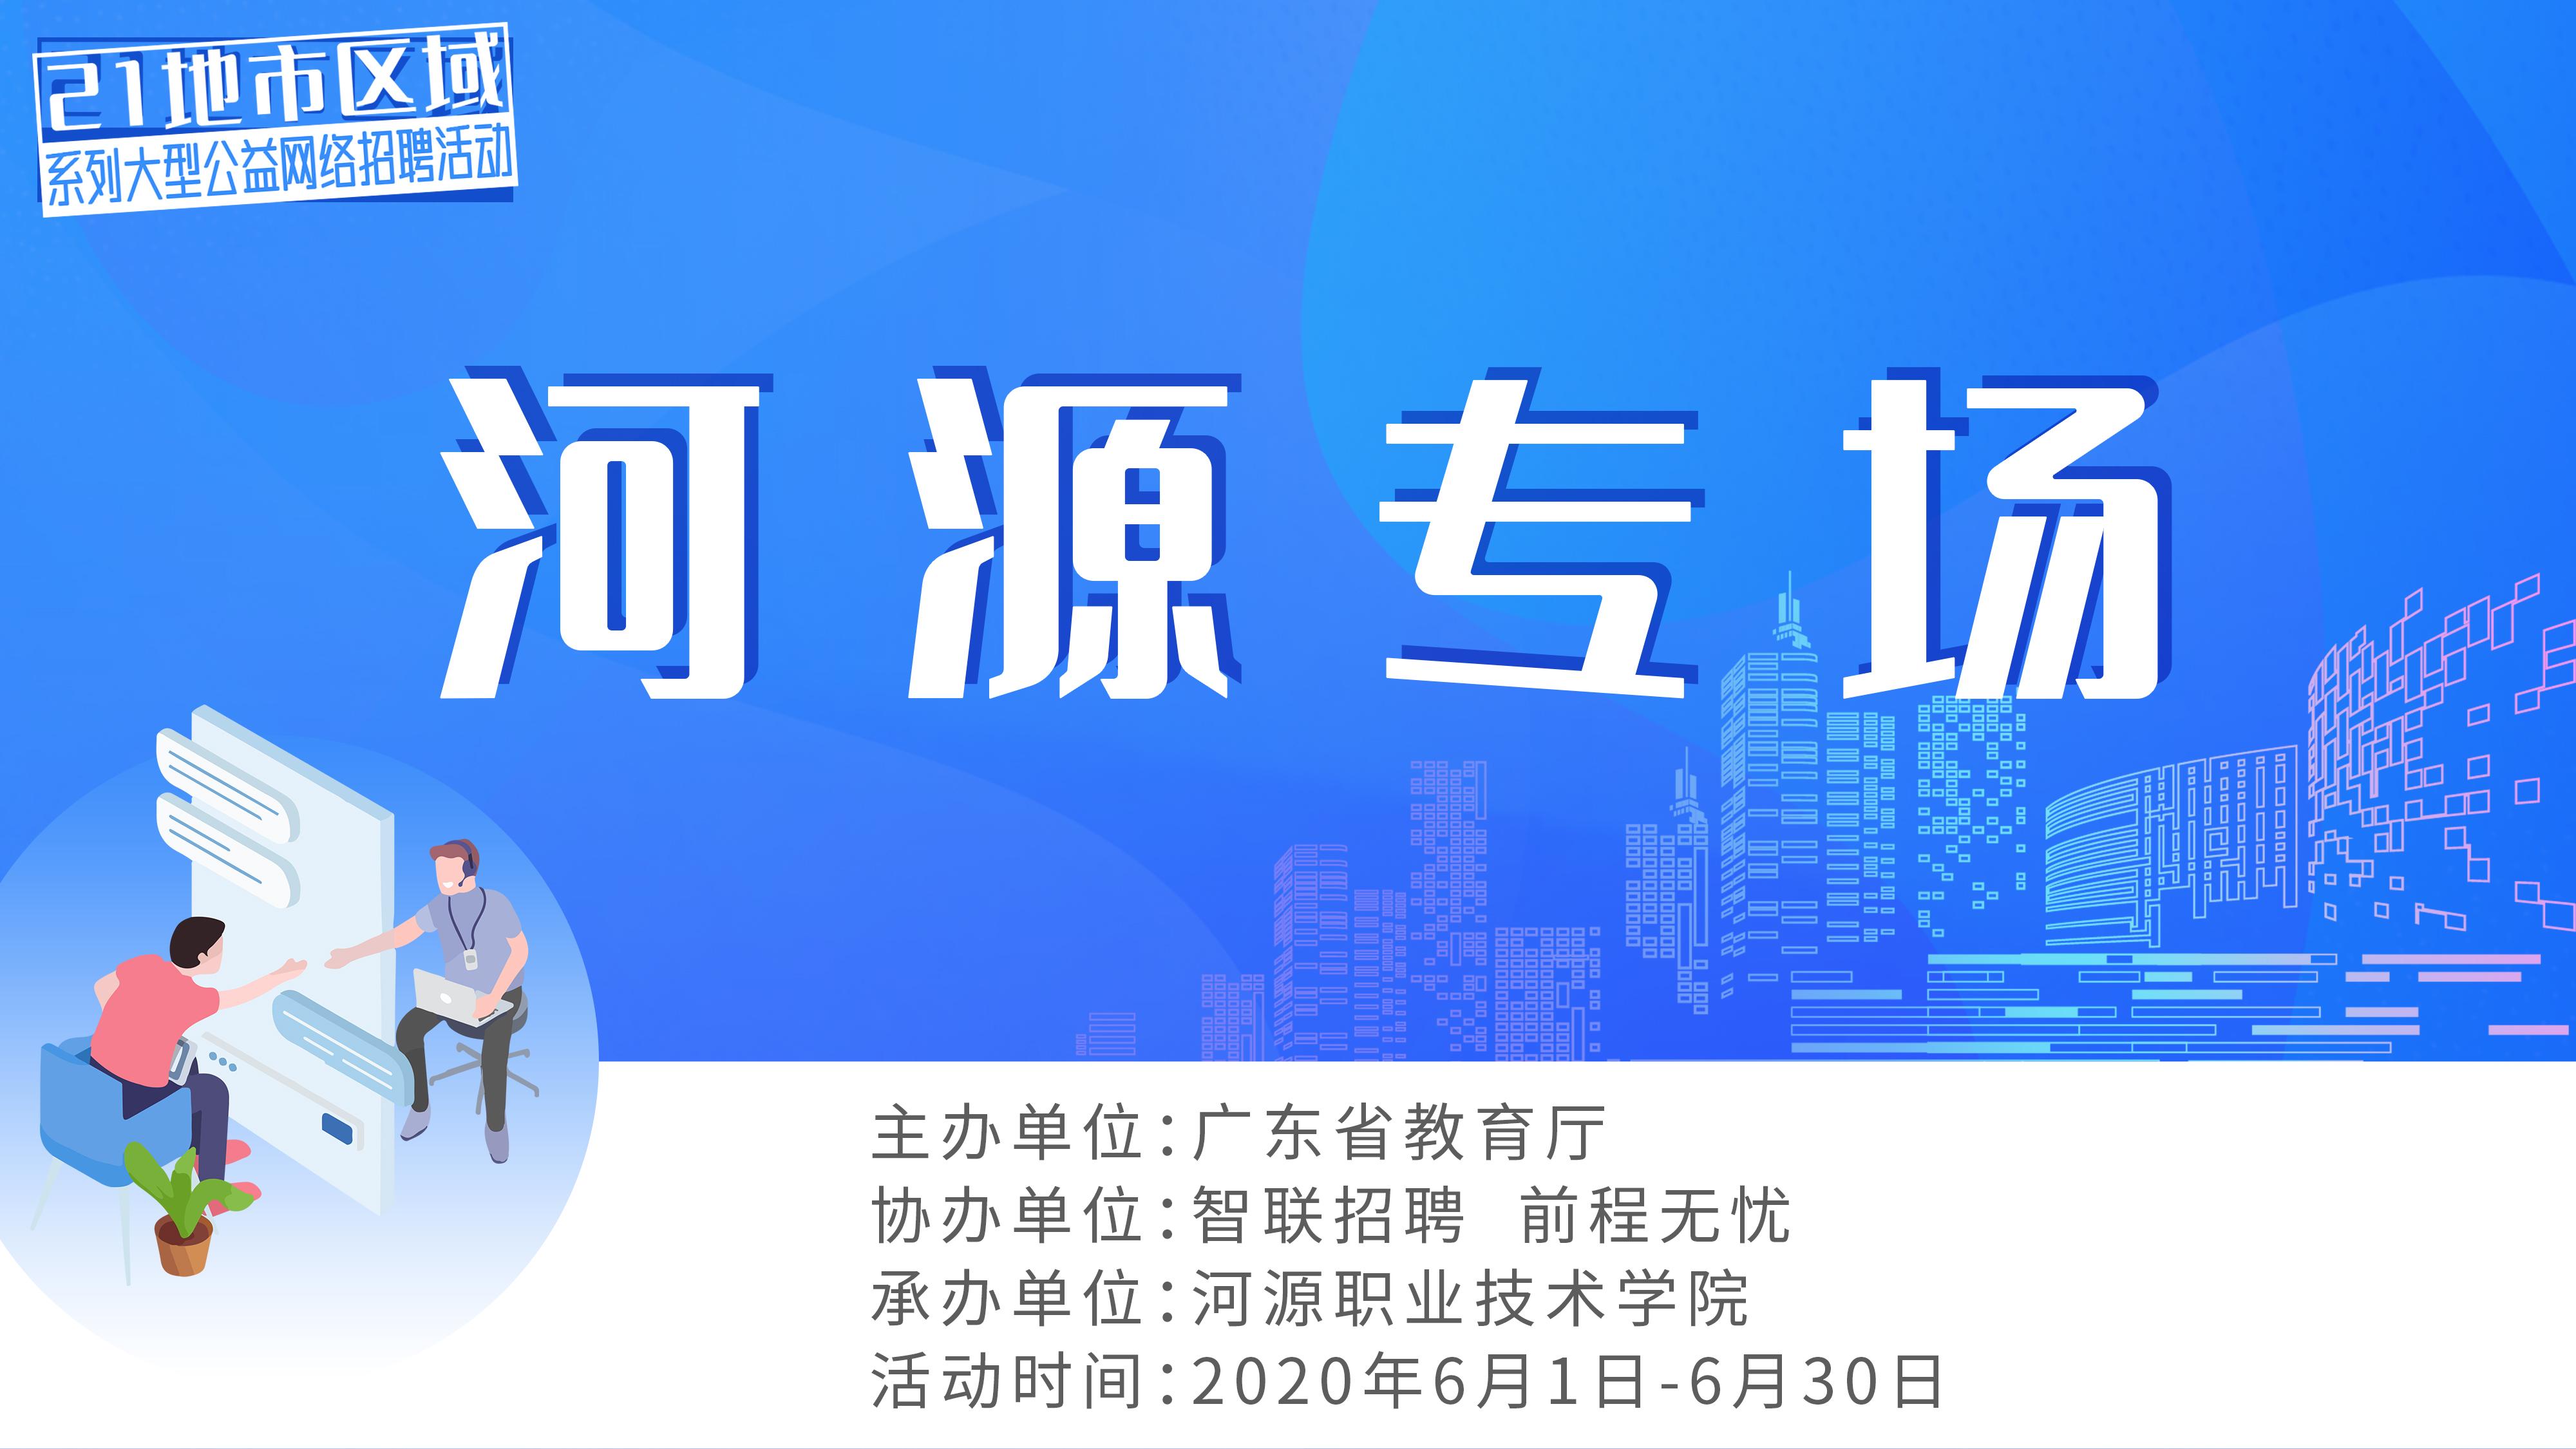 关于举办广东省2020届高校毕业生21地市区域系列大型公益网络招聘——河源职业技术学院专场的公告